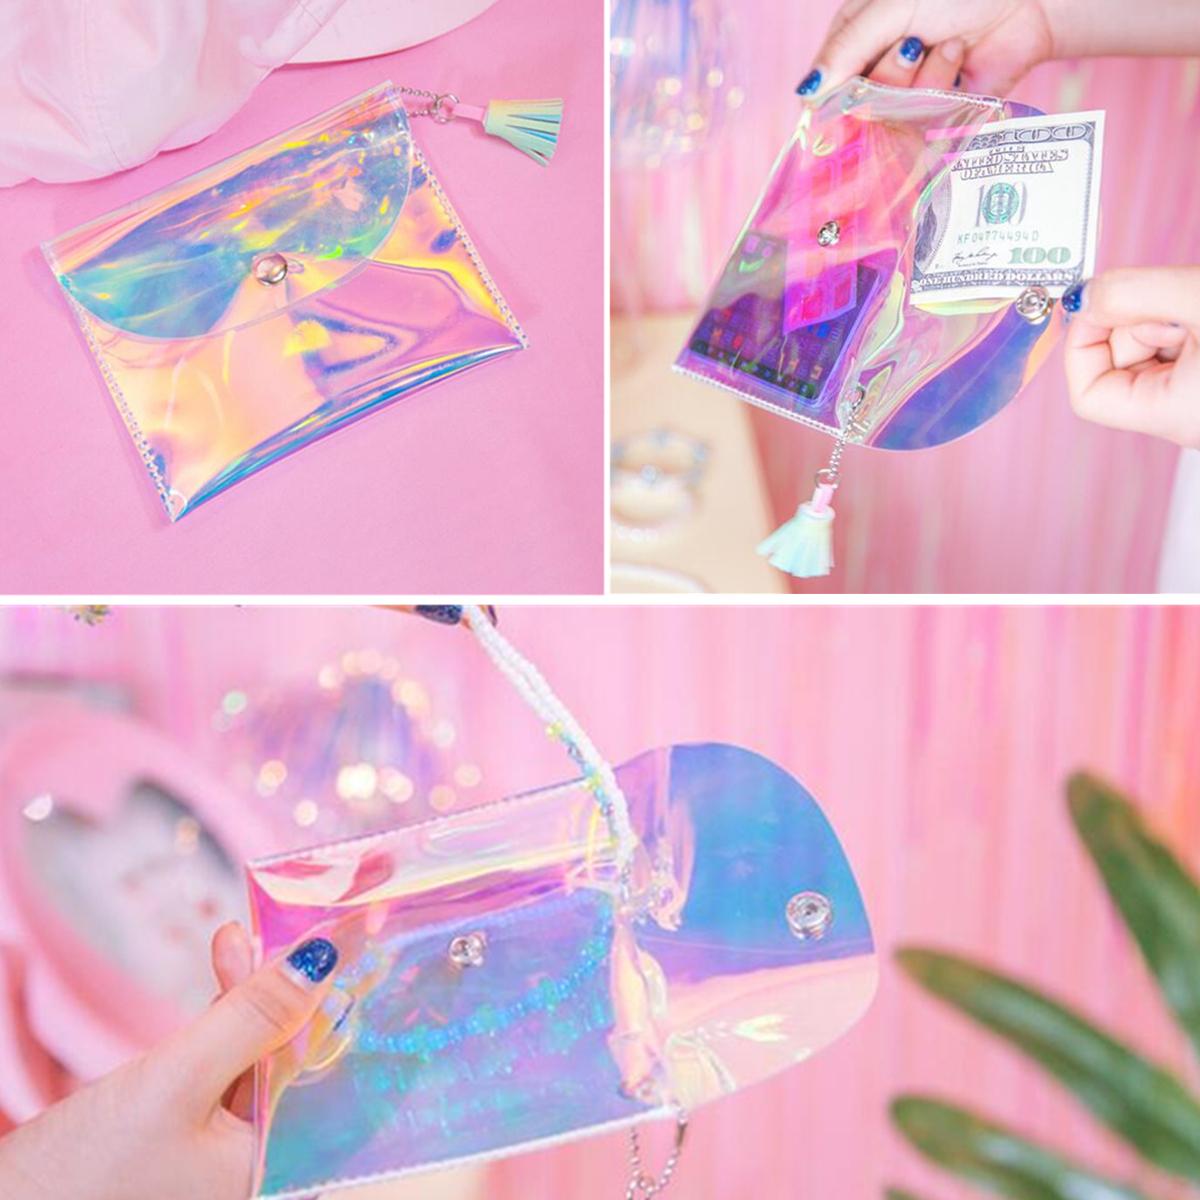 Women Clutch Makeup Laser Phone Bag Colorful Transparent Wallet Purse Earphone Cable Storage Bag